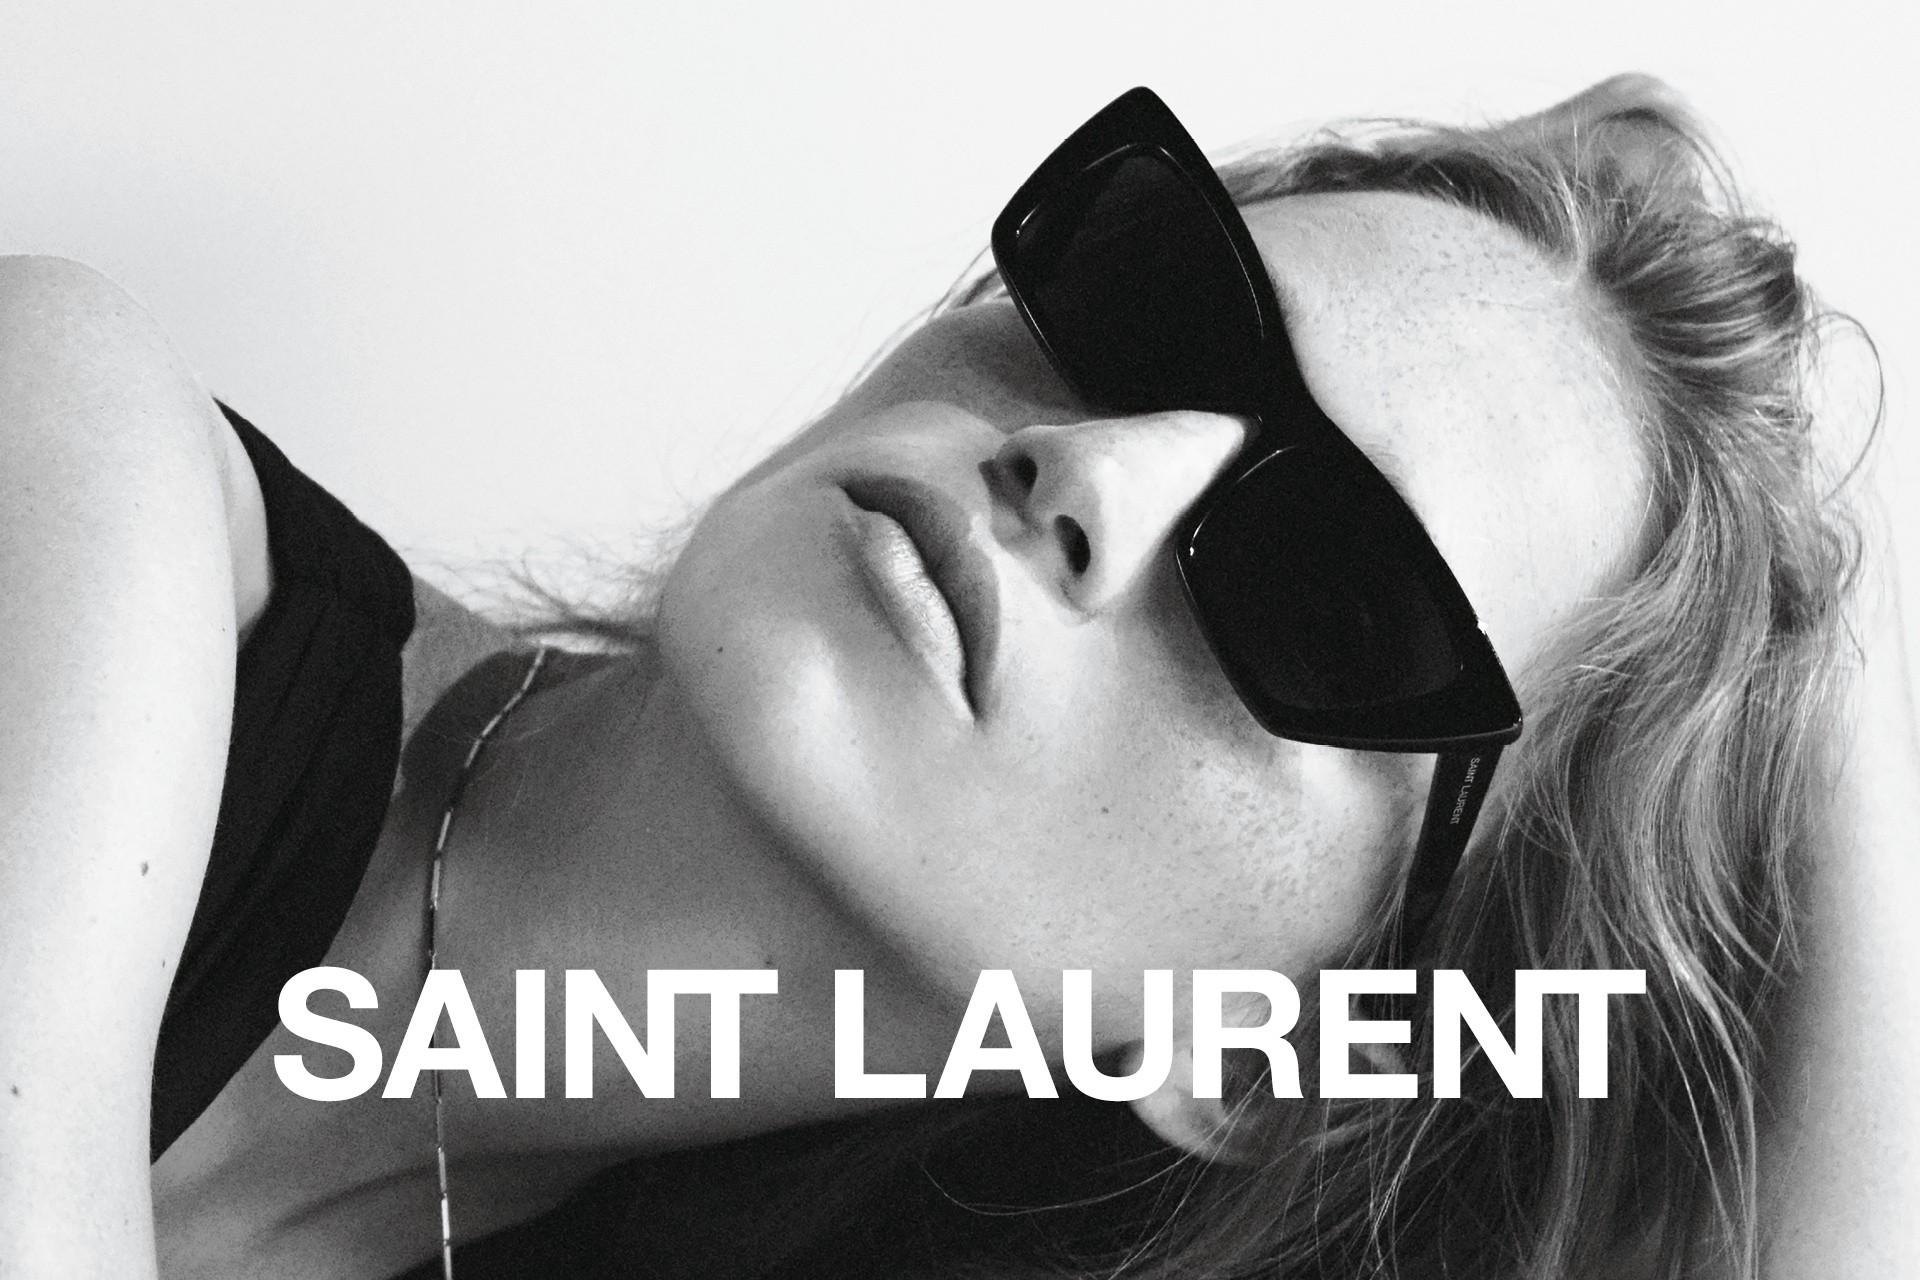 Schwarz-weiße Nahaufnahme von einem weiblichen Model, das eine schwarze Saint Laurent Sonnenbrille trägt.